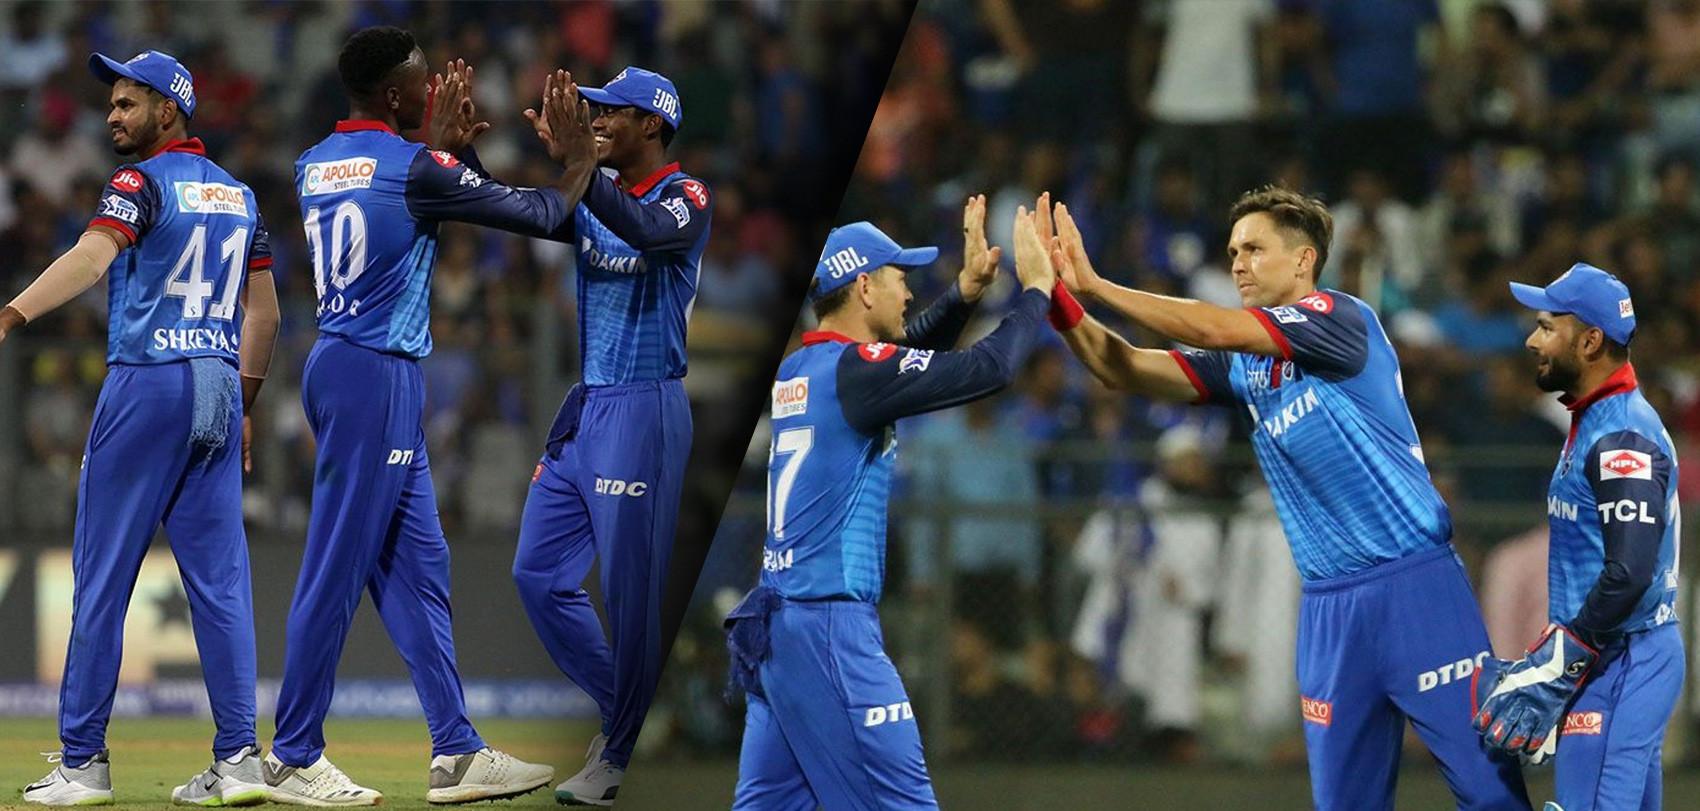 दिल्ली क्यापिटल्स ३७ रनले विजयी